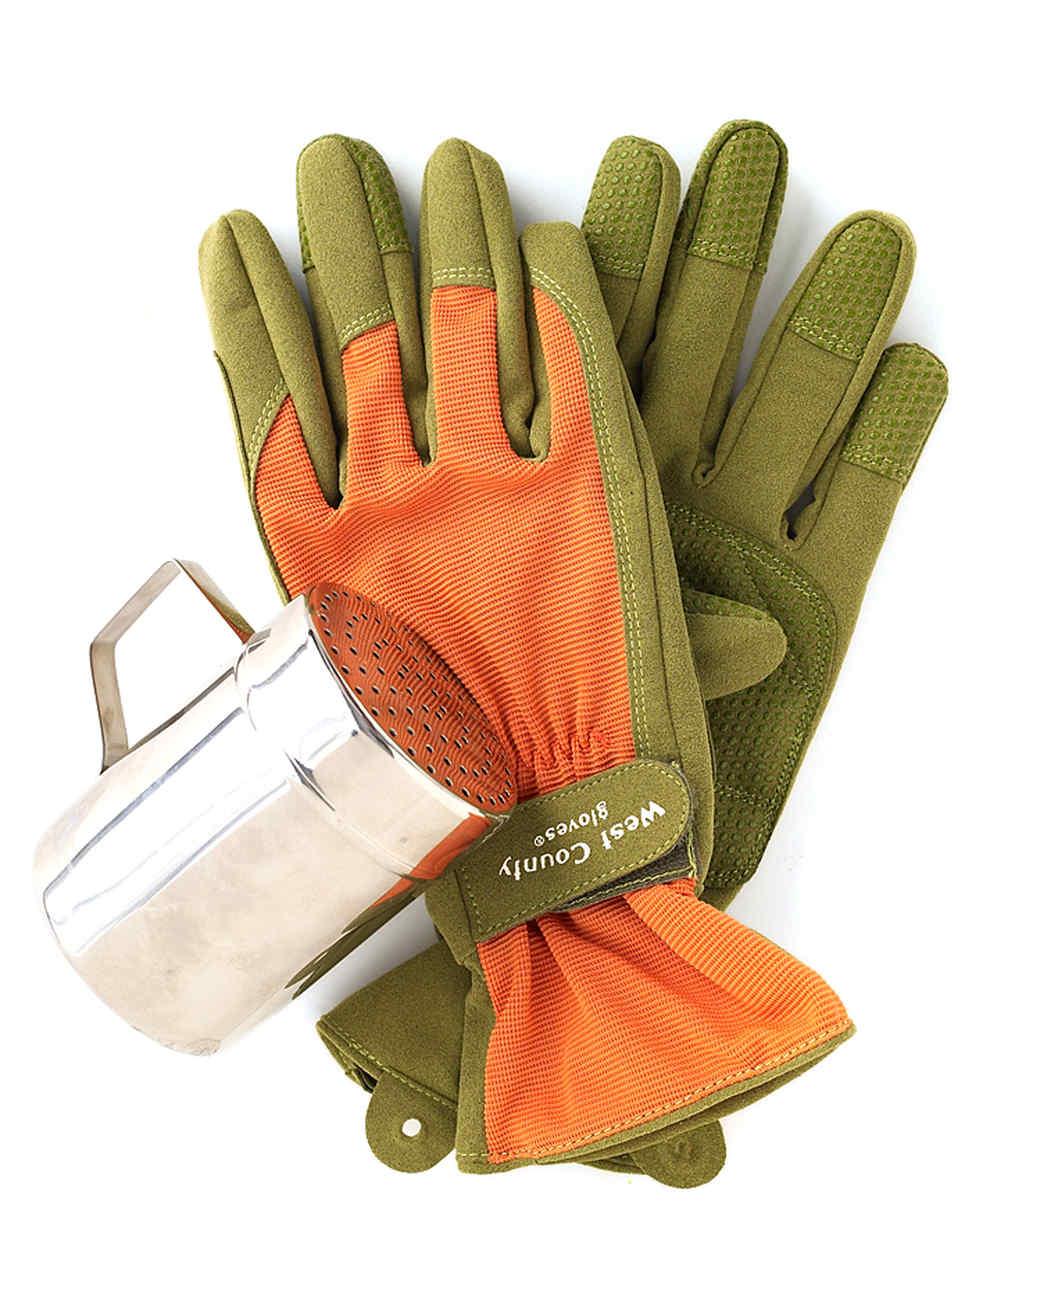 mld104812_0609_glove.jpg